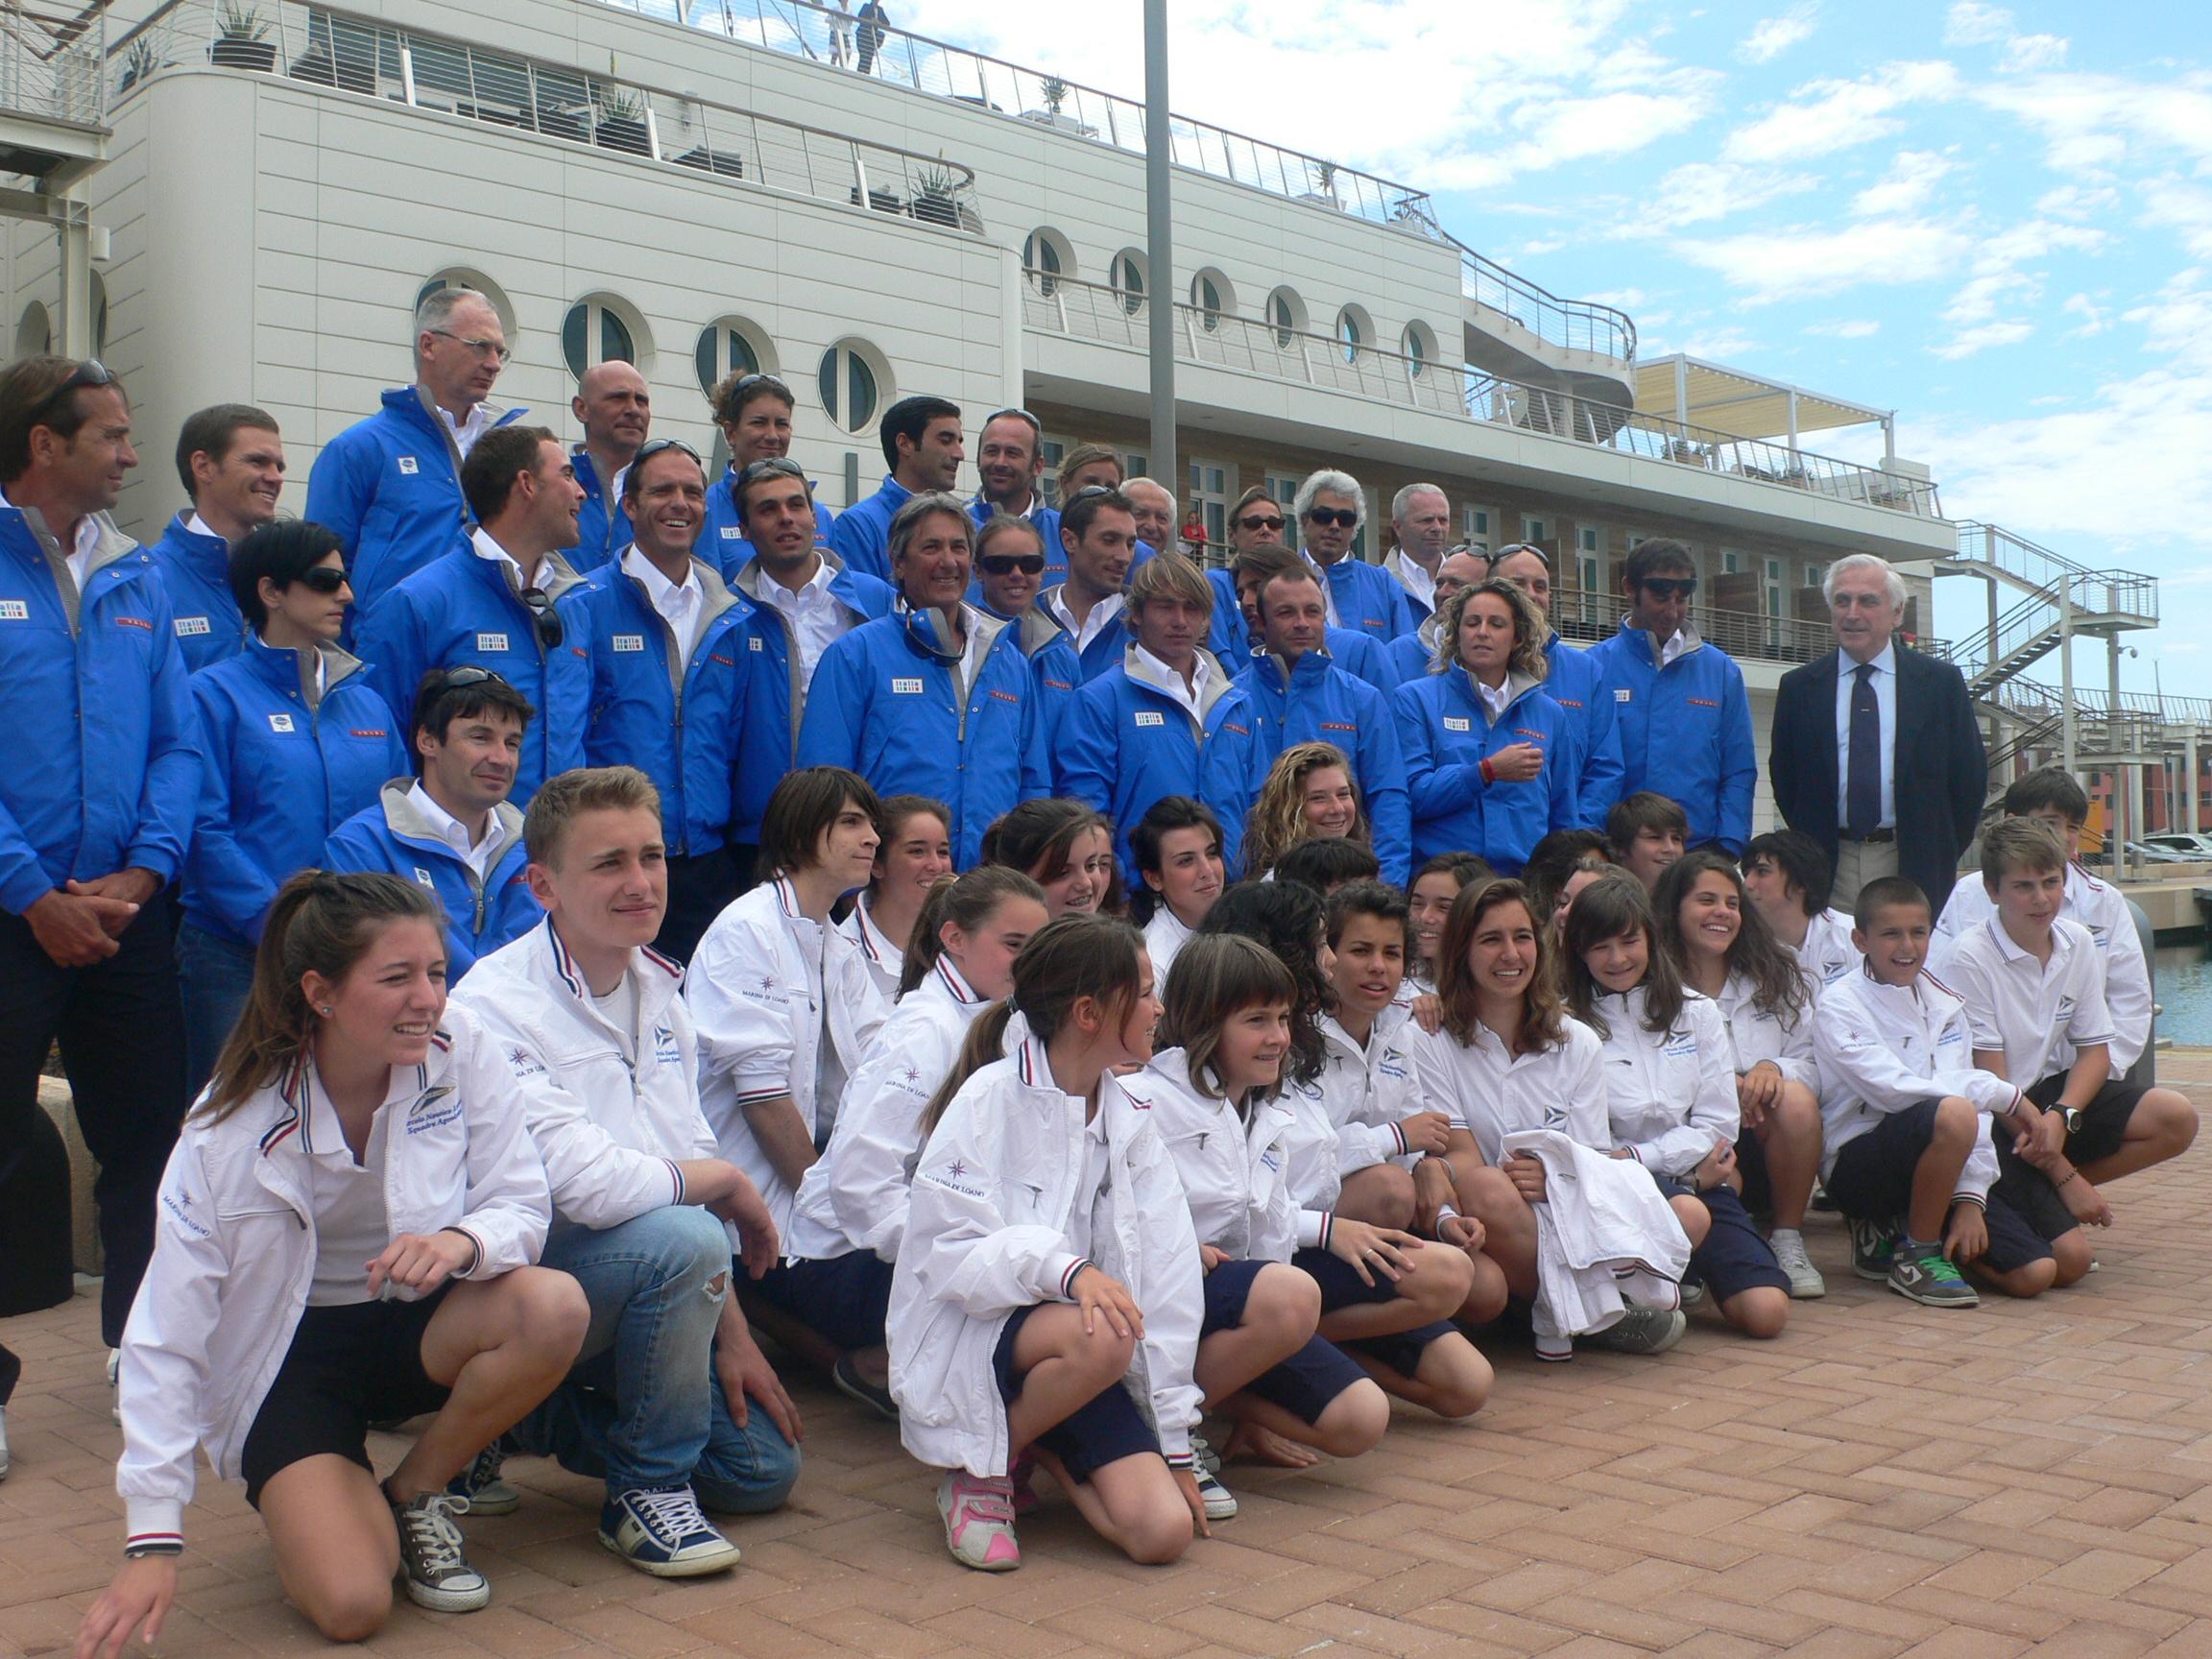 Squadra Olimpica